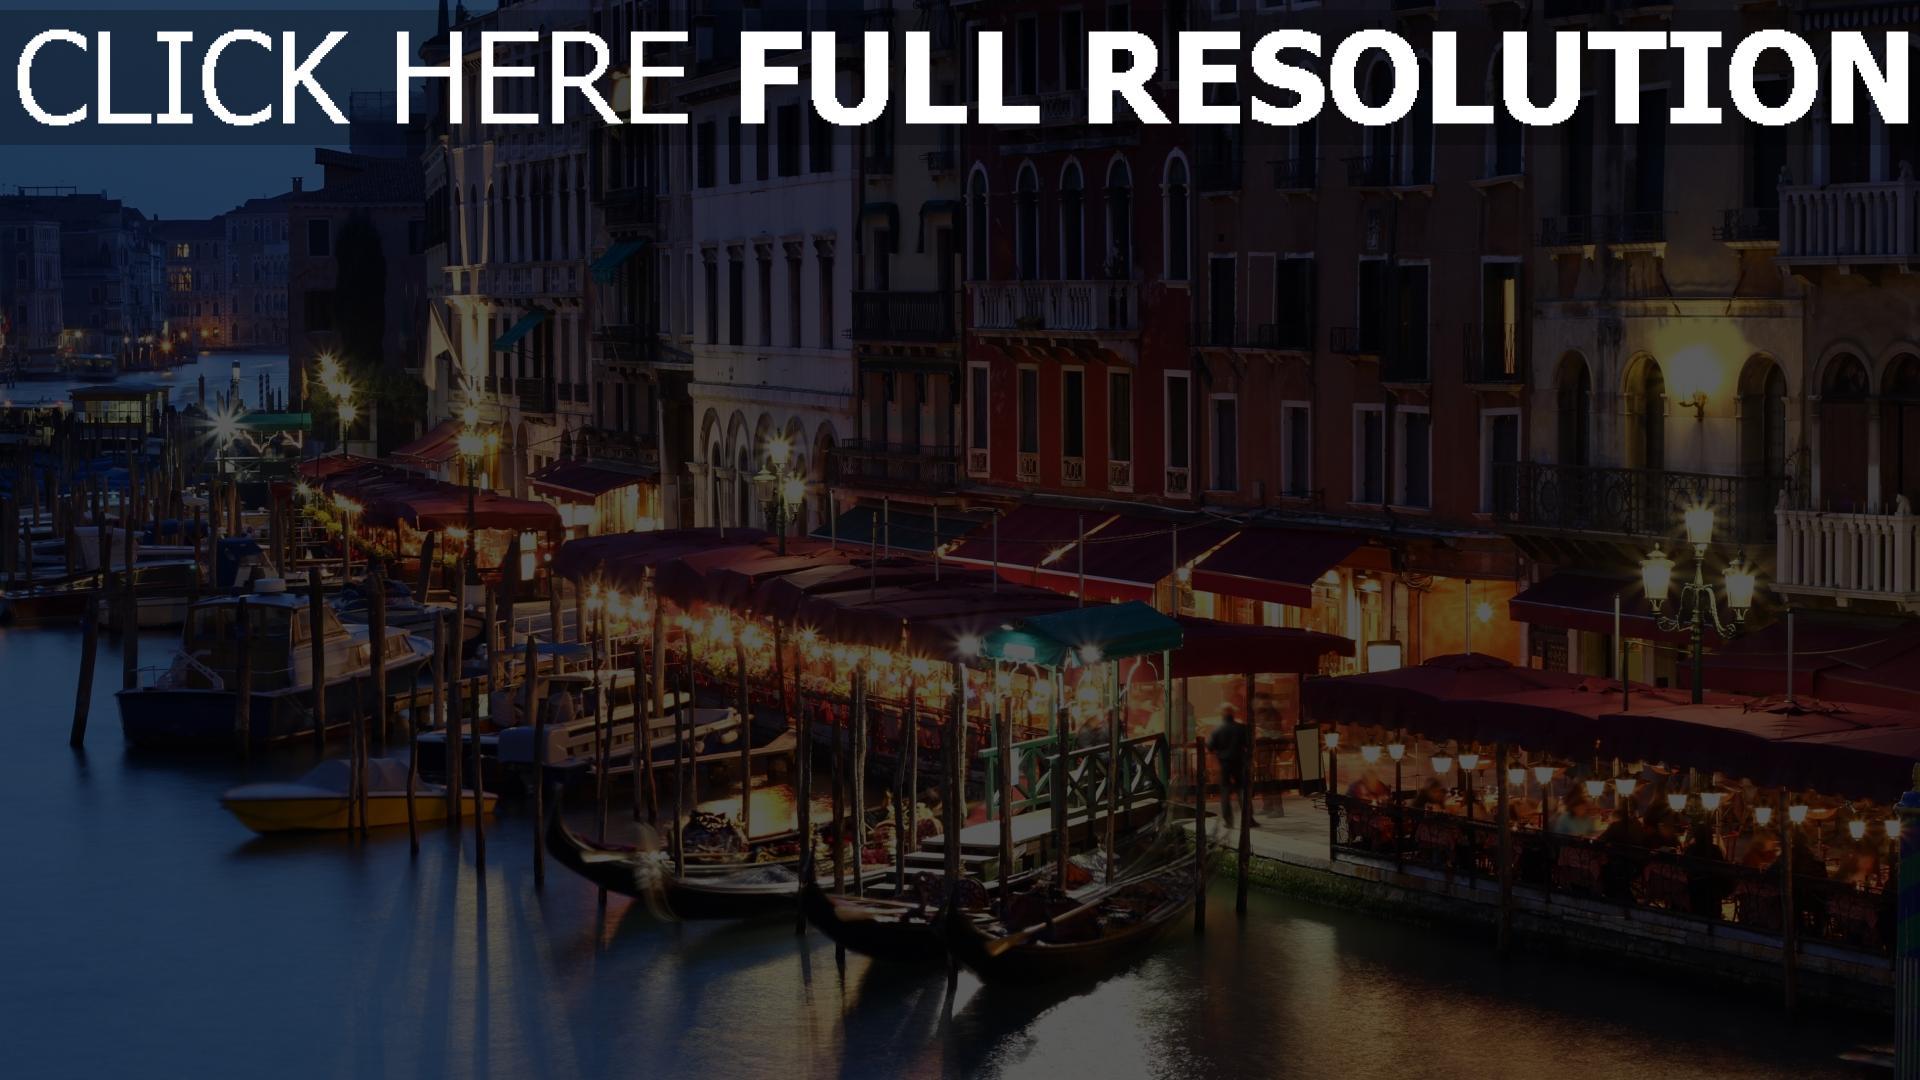 hd hintergrundbilder italien cafe haus gondel menschen